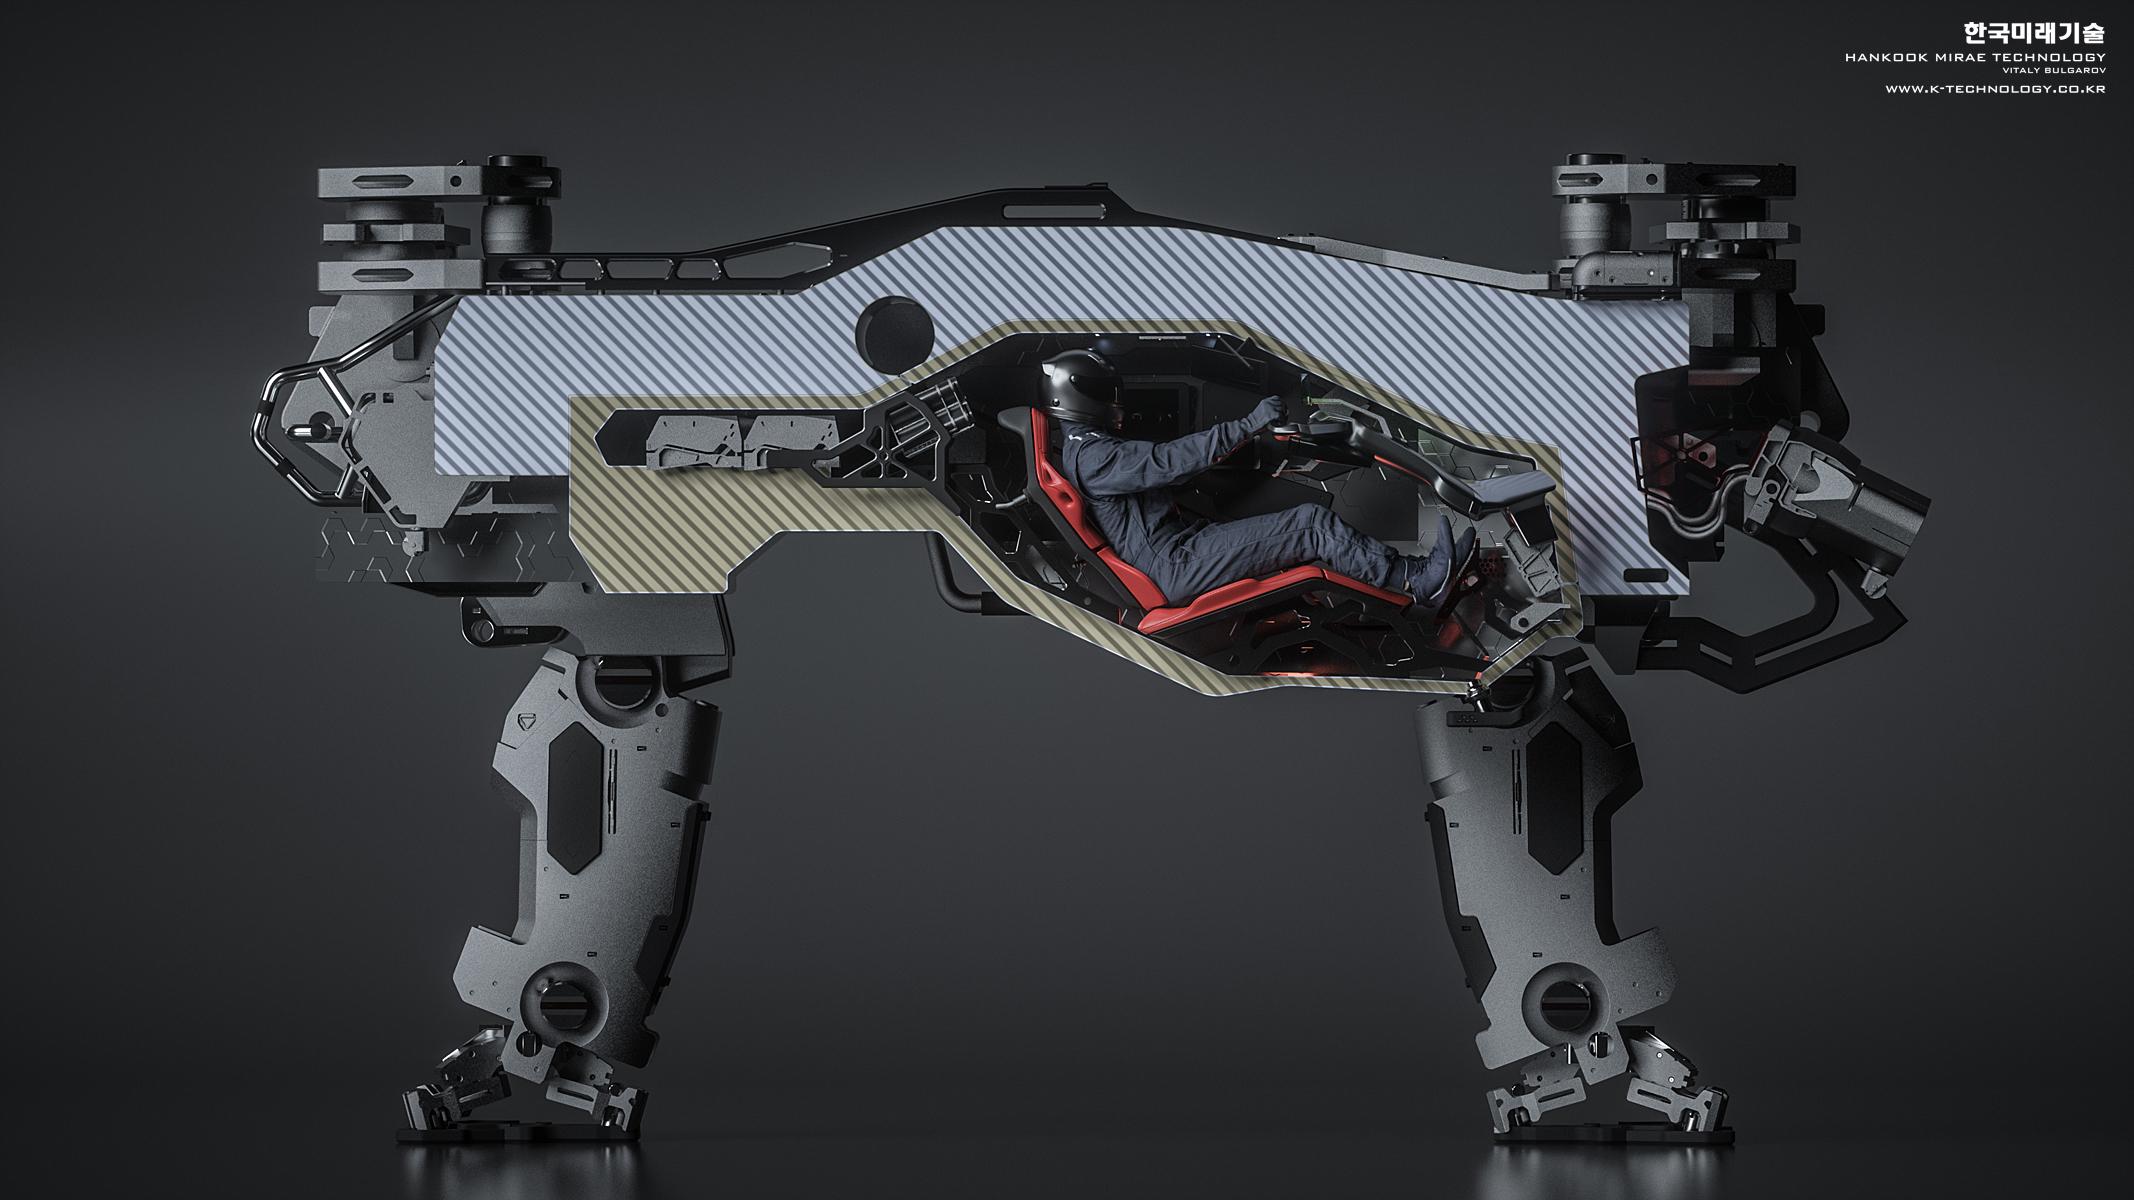 10_KFT_4LeggedRobot_Cross-SectionView_03.jpg